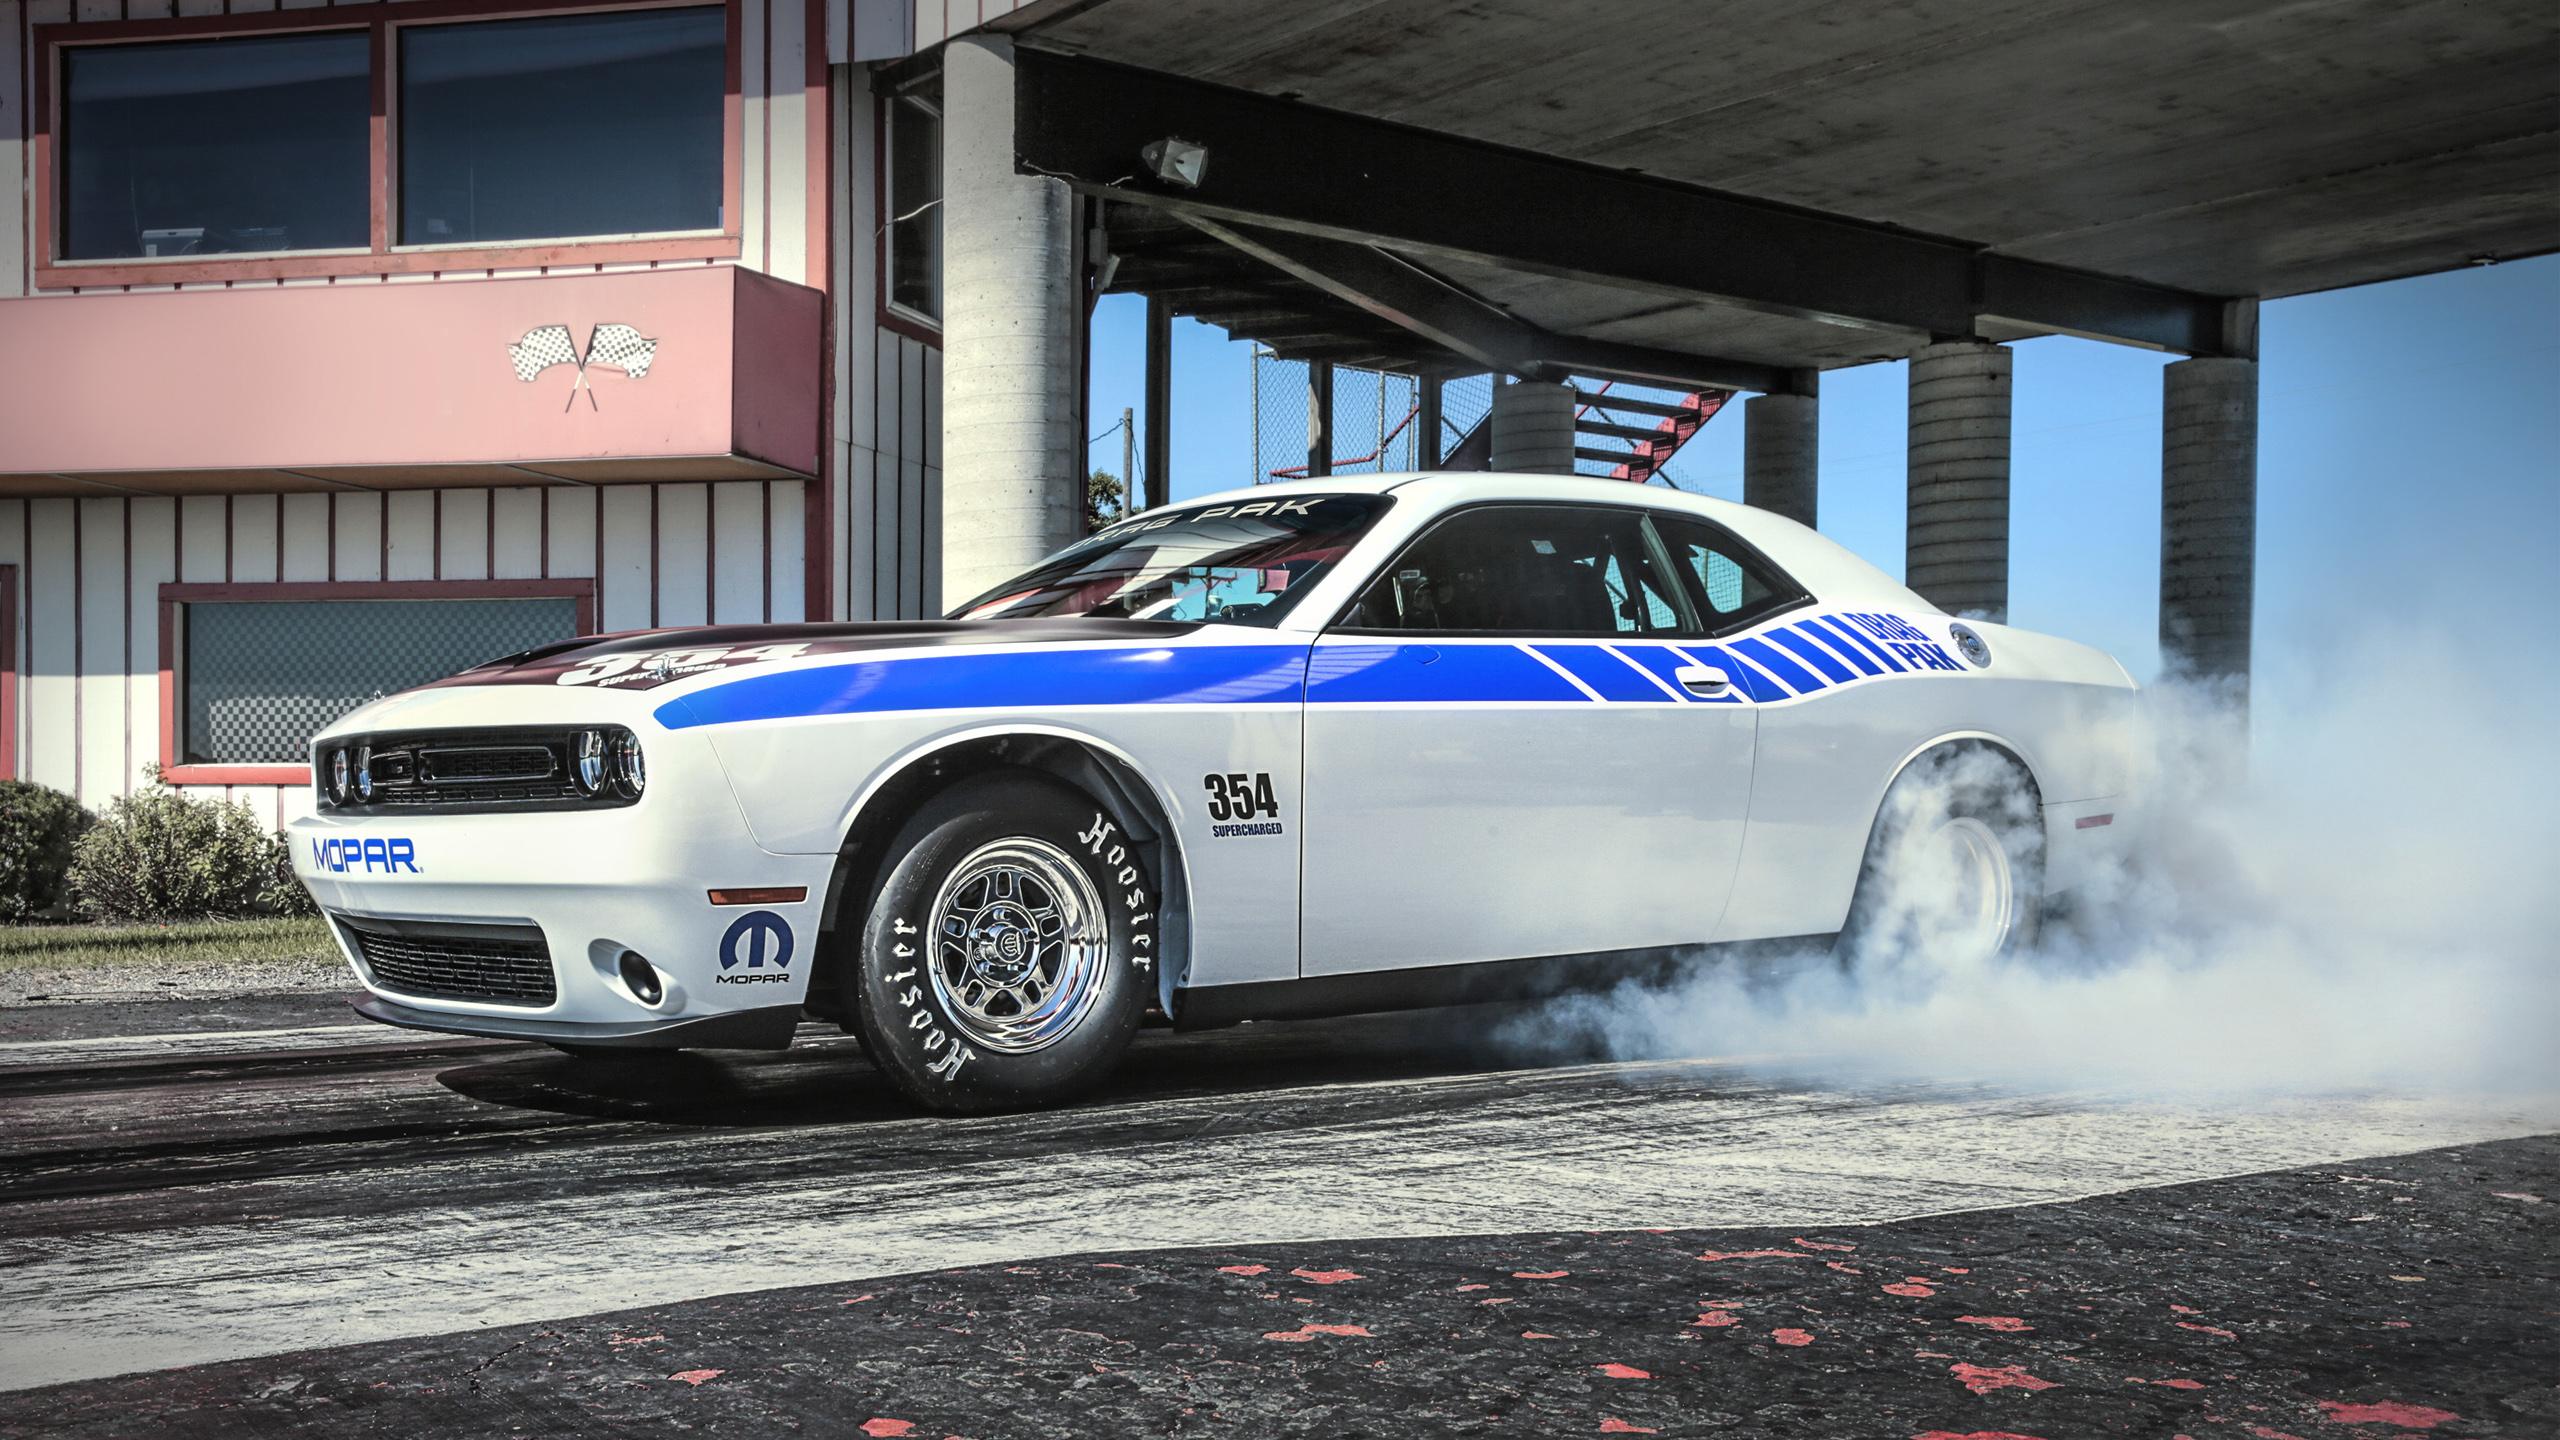 2015 Mopar Dodge Challenger Wallpaper